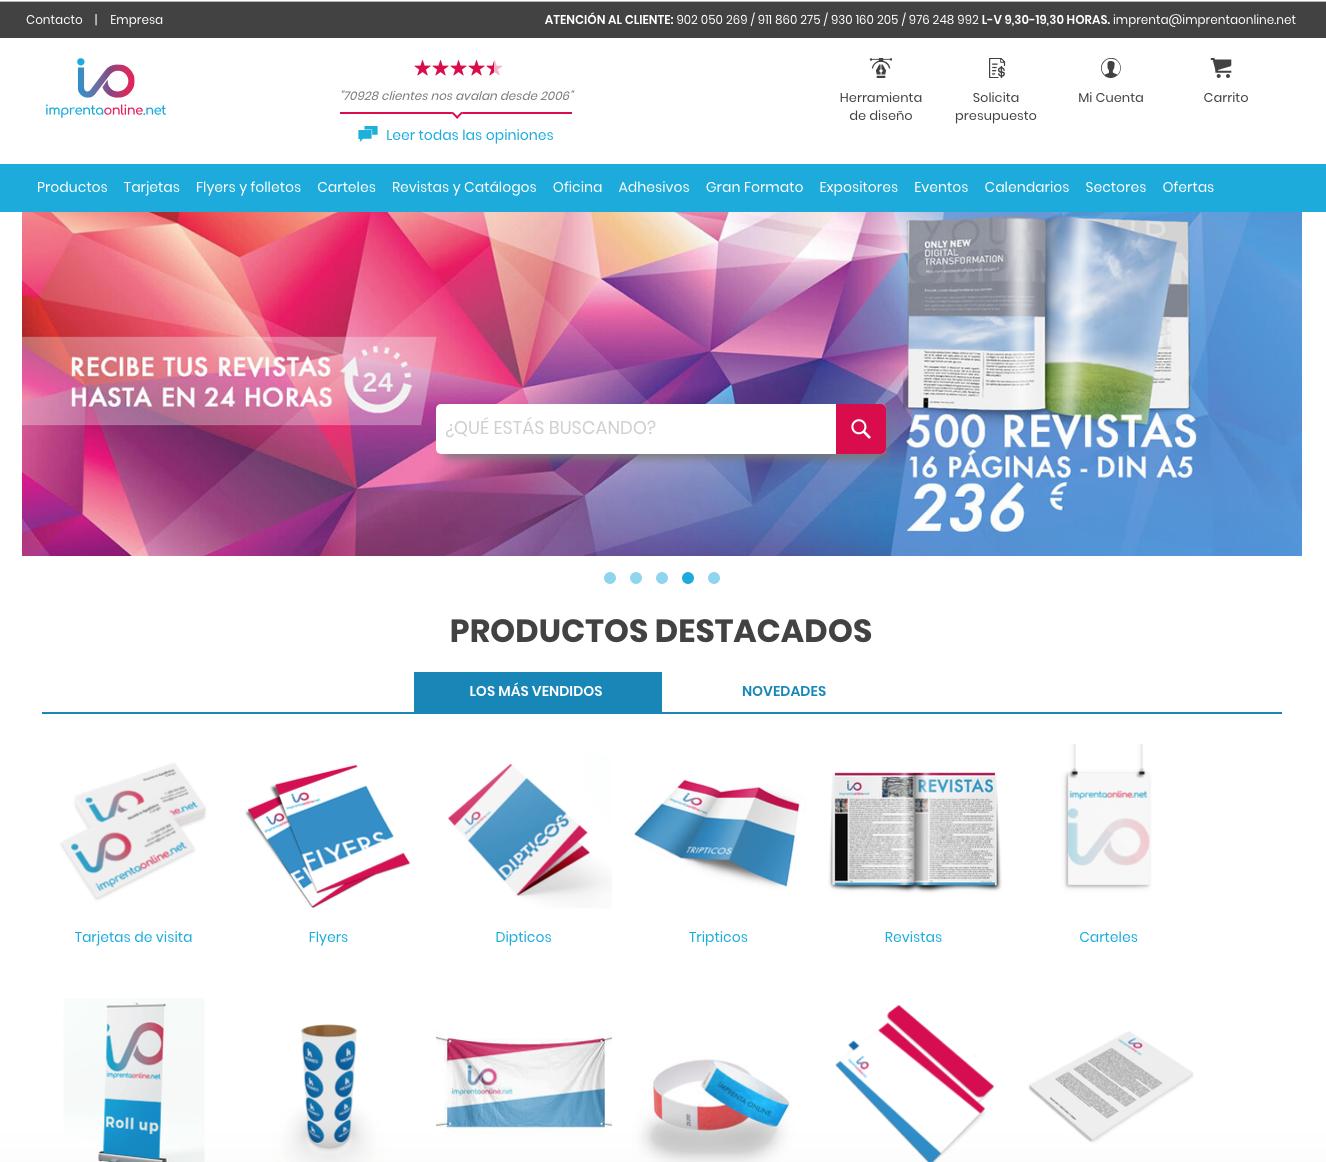 Nuevo diseño de ImprentaOnline.net